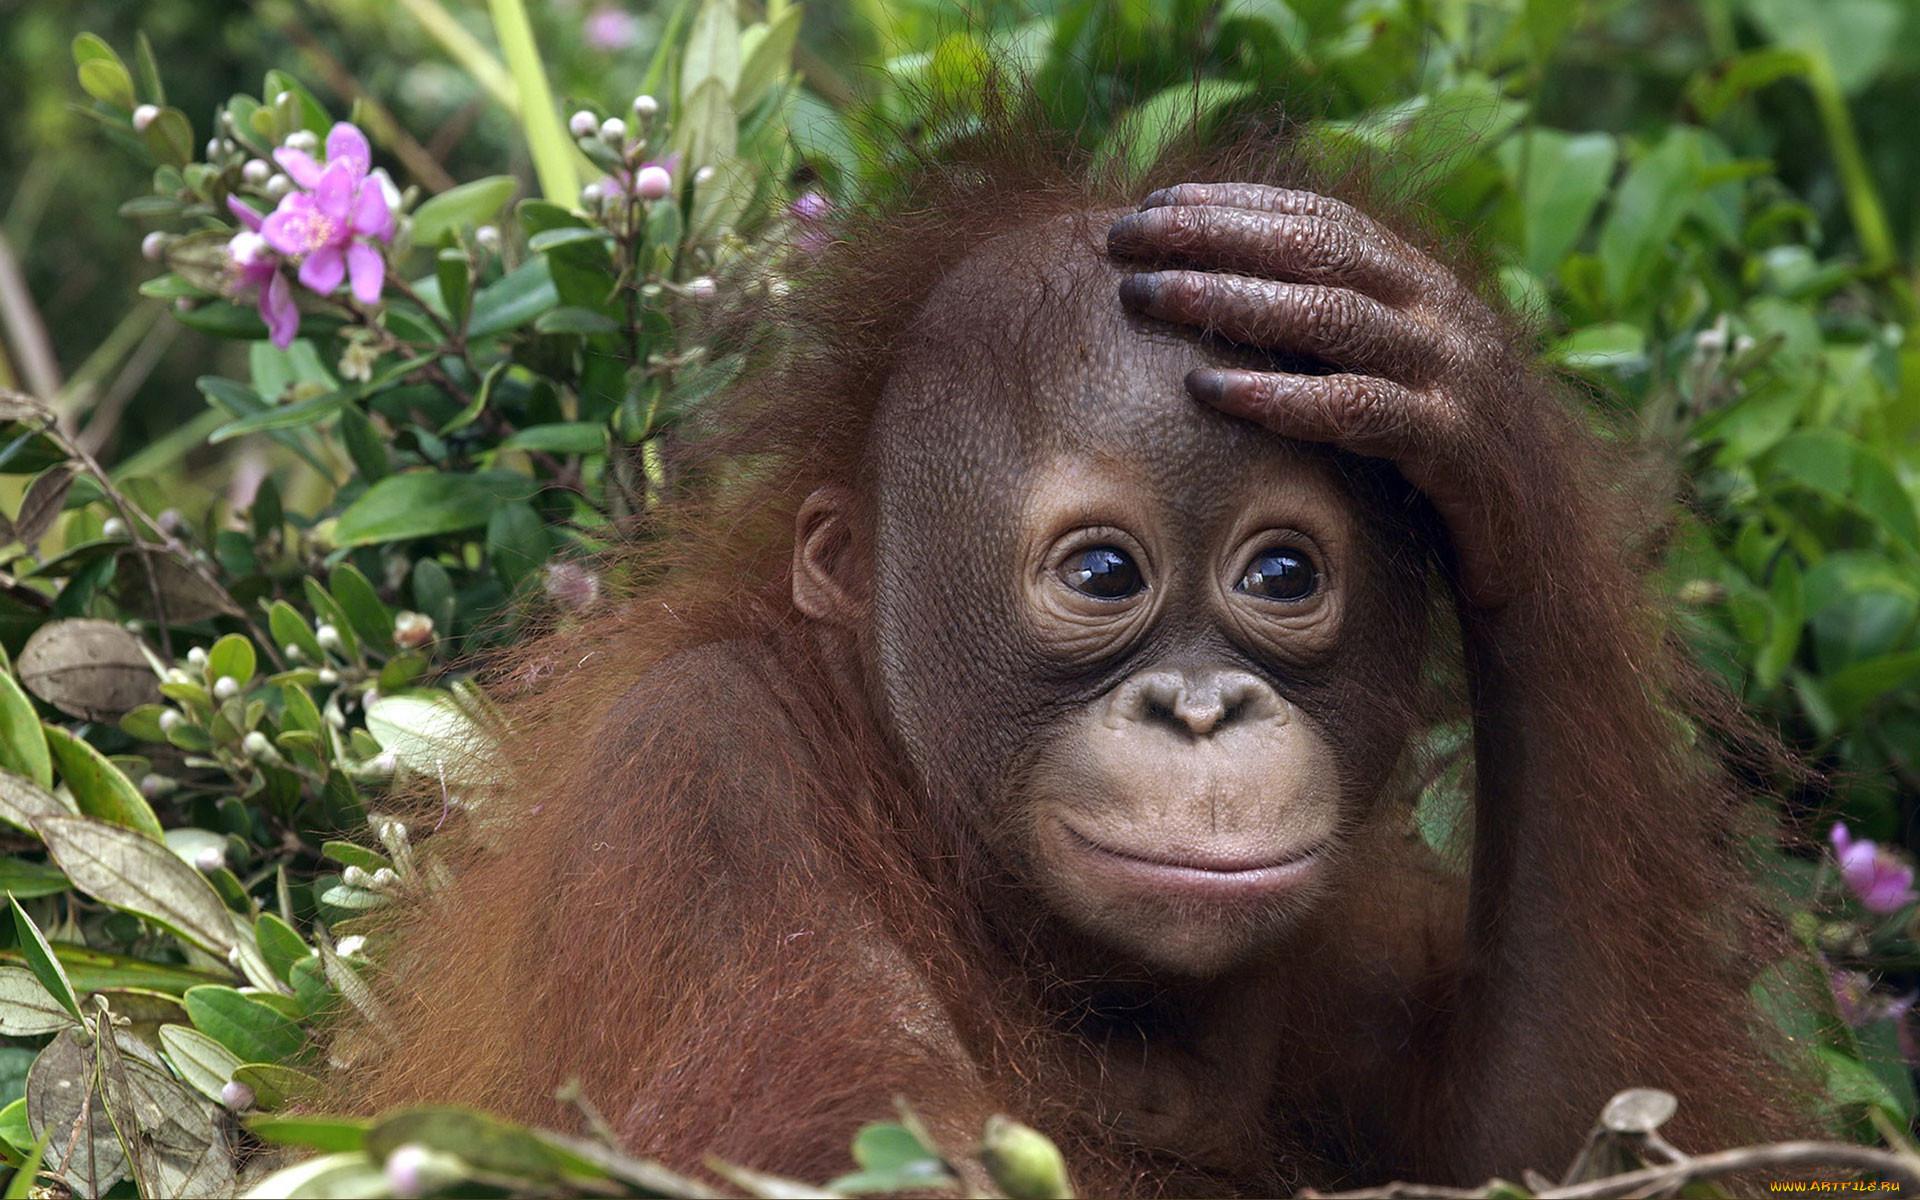 так, красивые открытки с обезьянами есть интернете, социальных